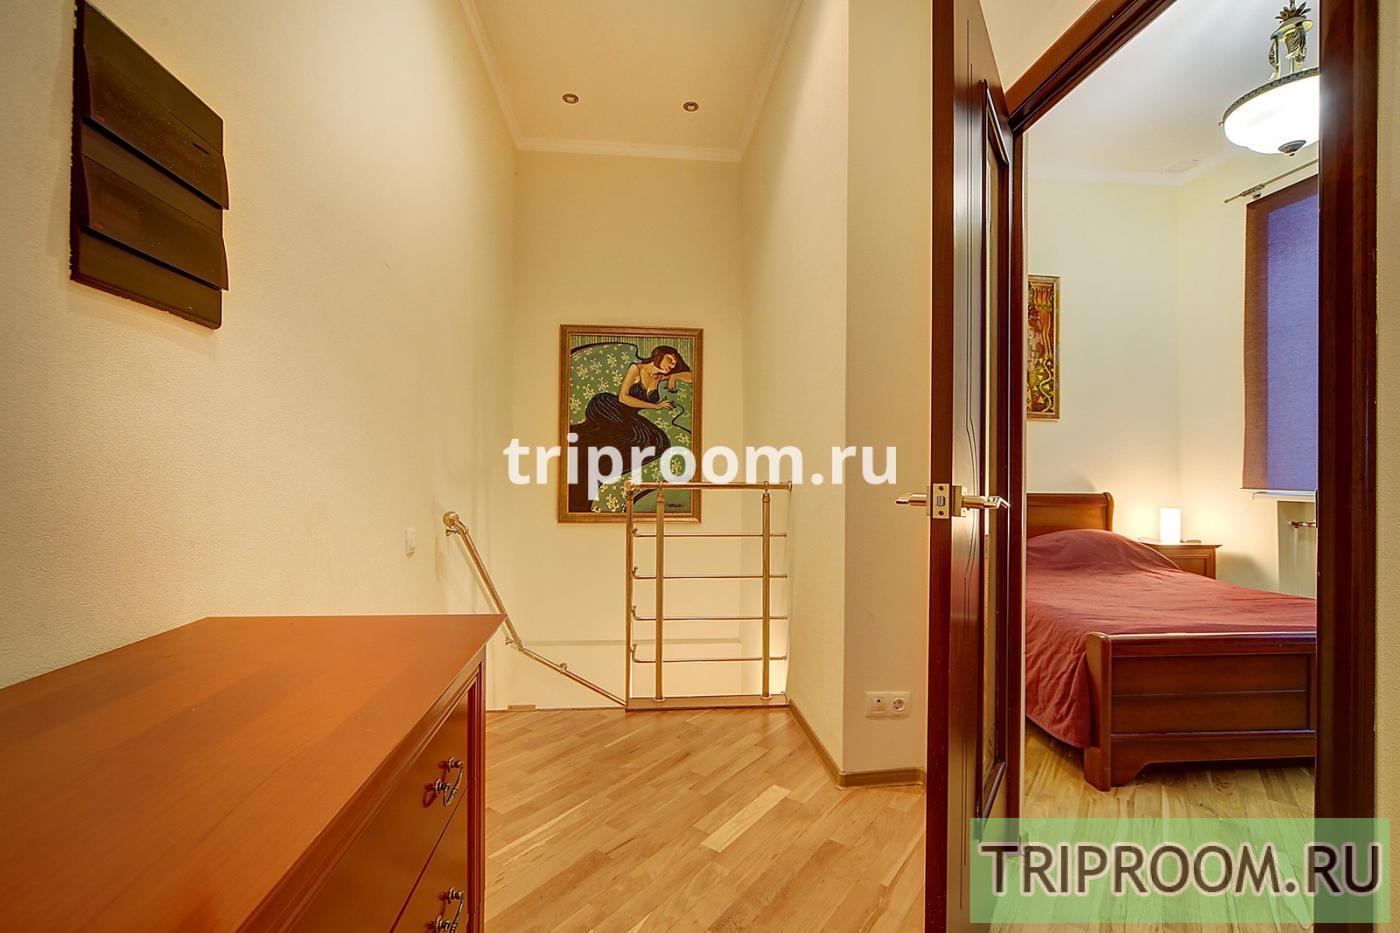 2-комнатная квартира посуточно (вариант № 15116), ул. Большая Конюшенная улица, фото № 9